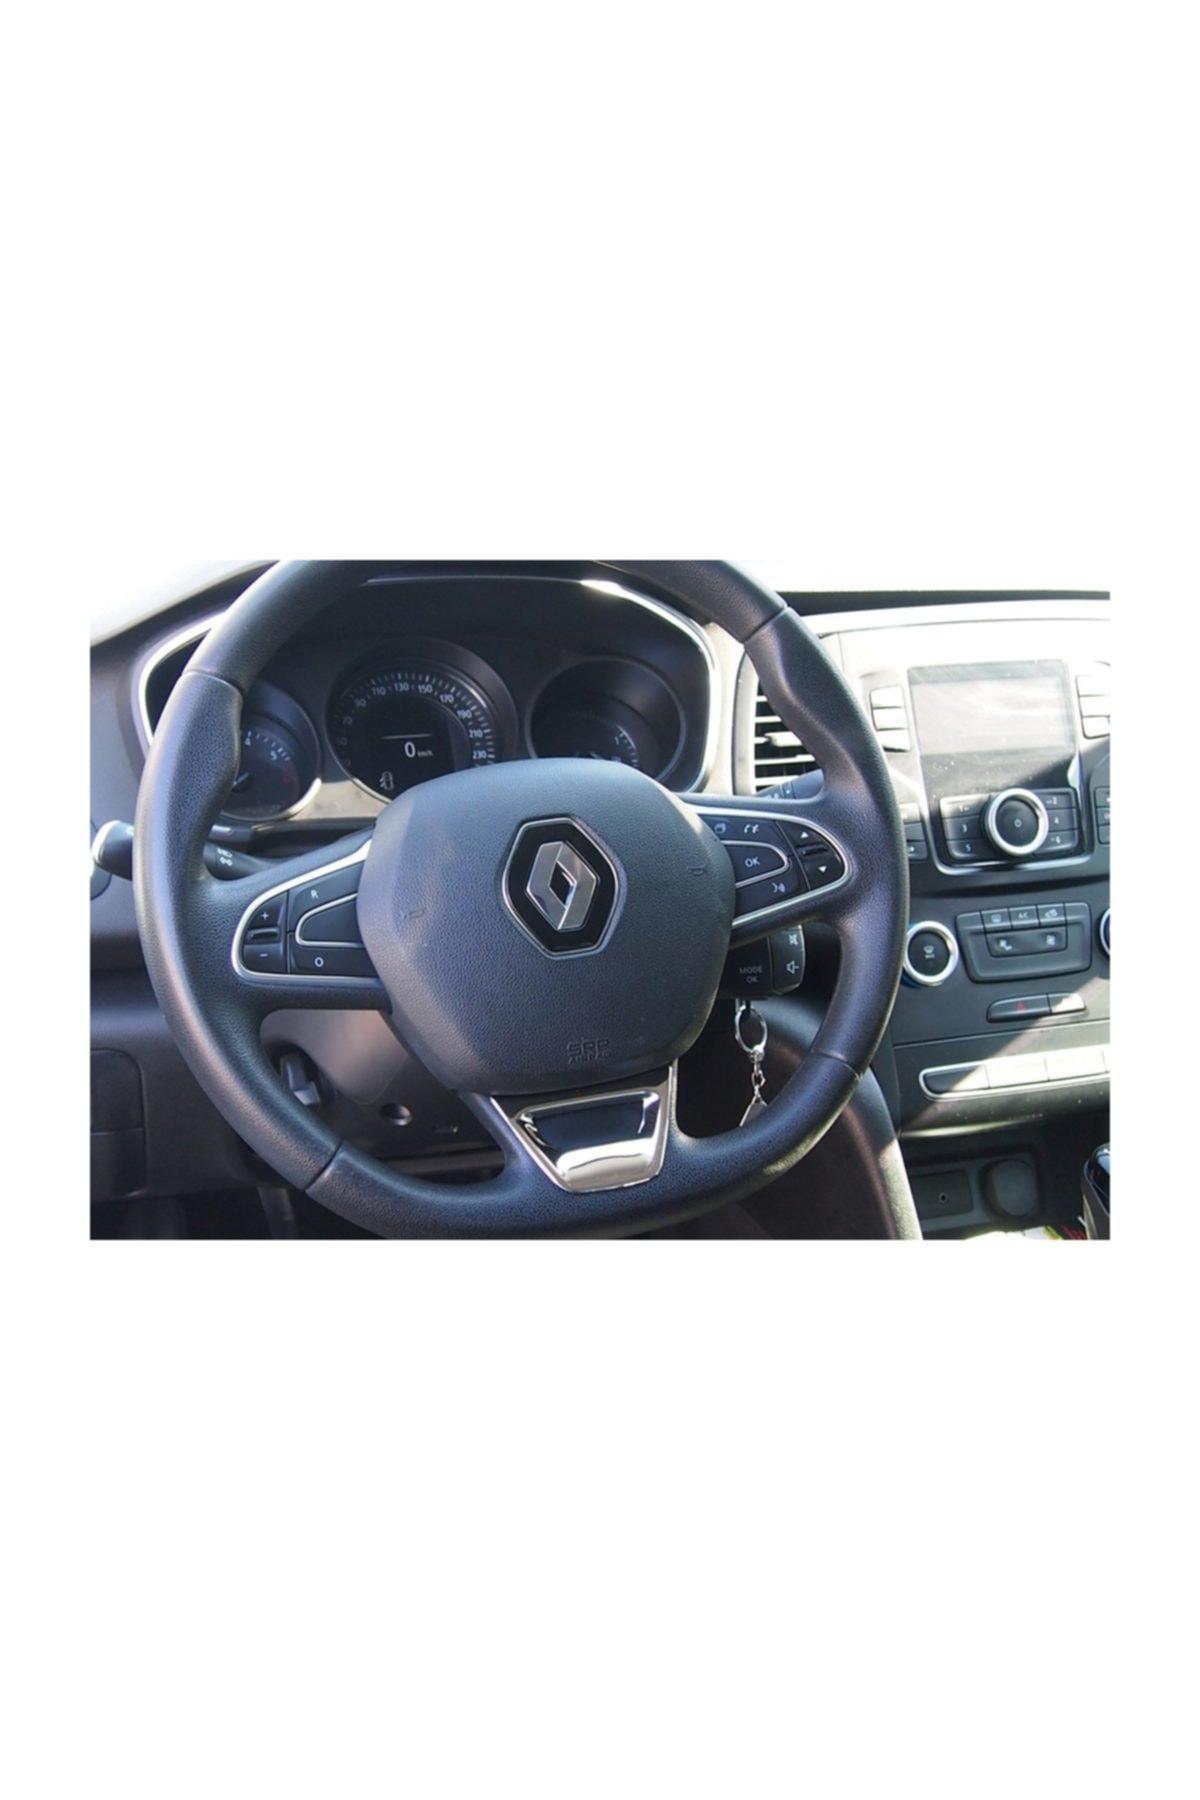 Omsa Renault Megane 4 Hb/sedan Mat Direksiyon Kromu 2016 Ve Sonrası 1